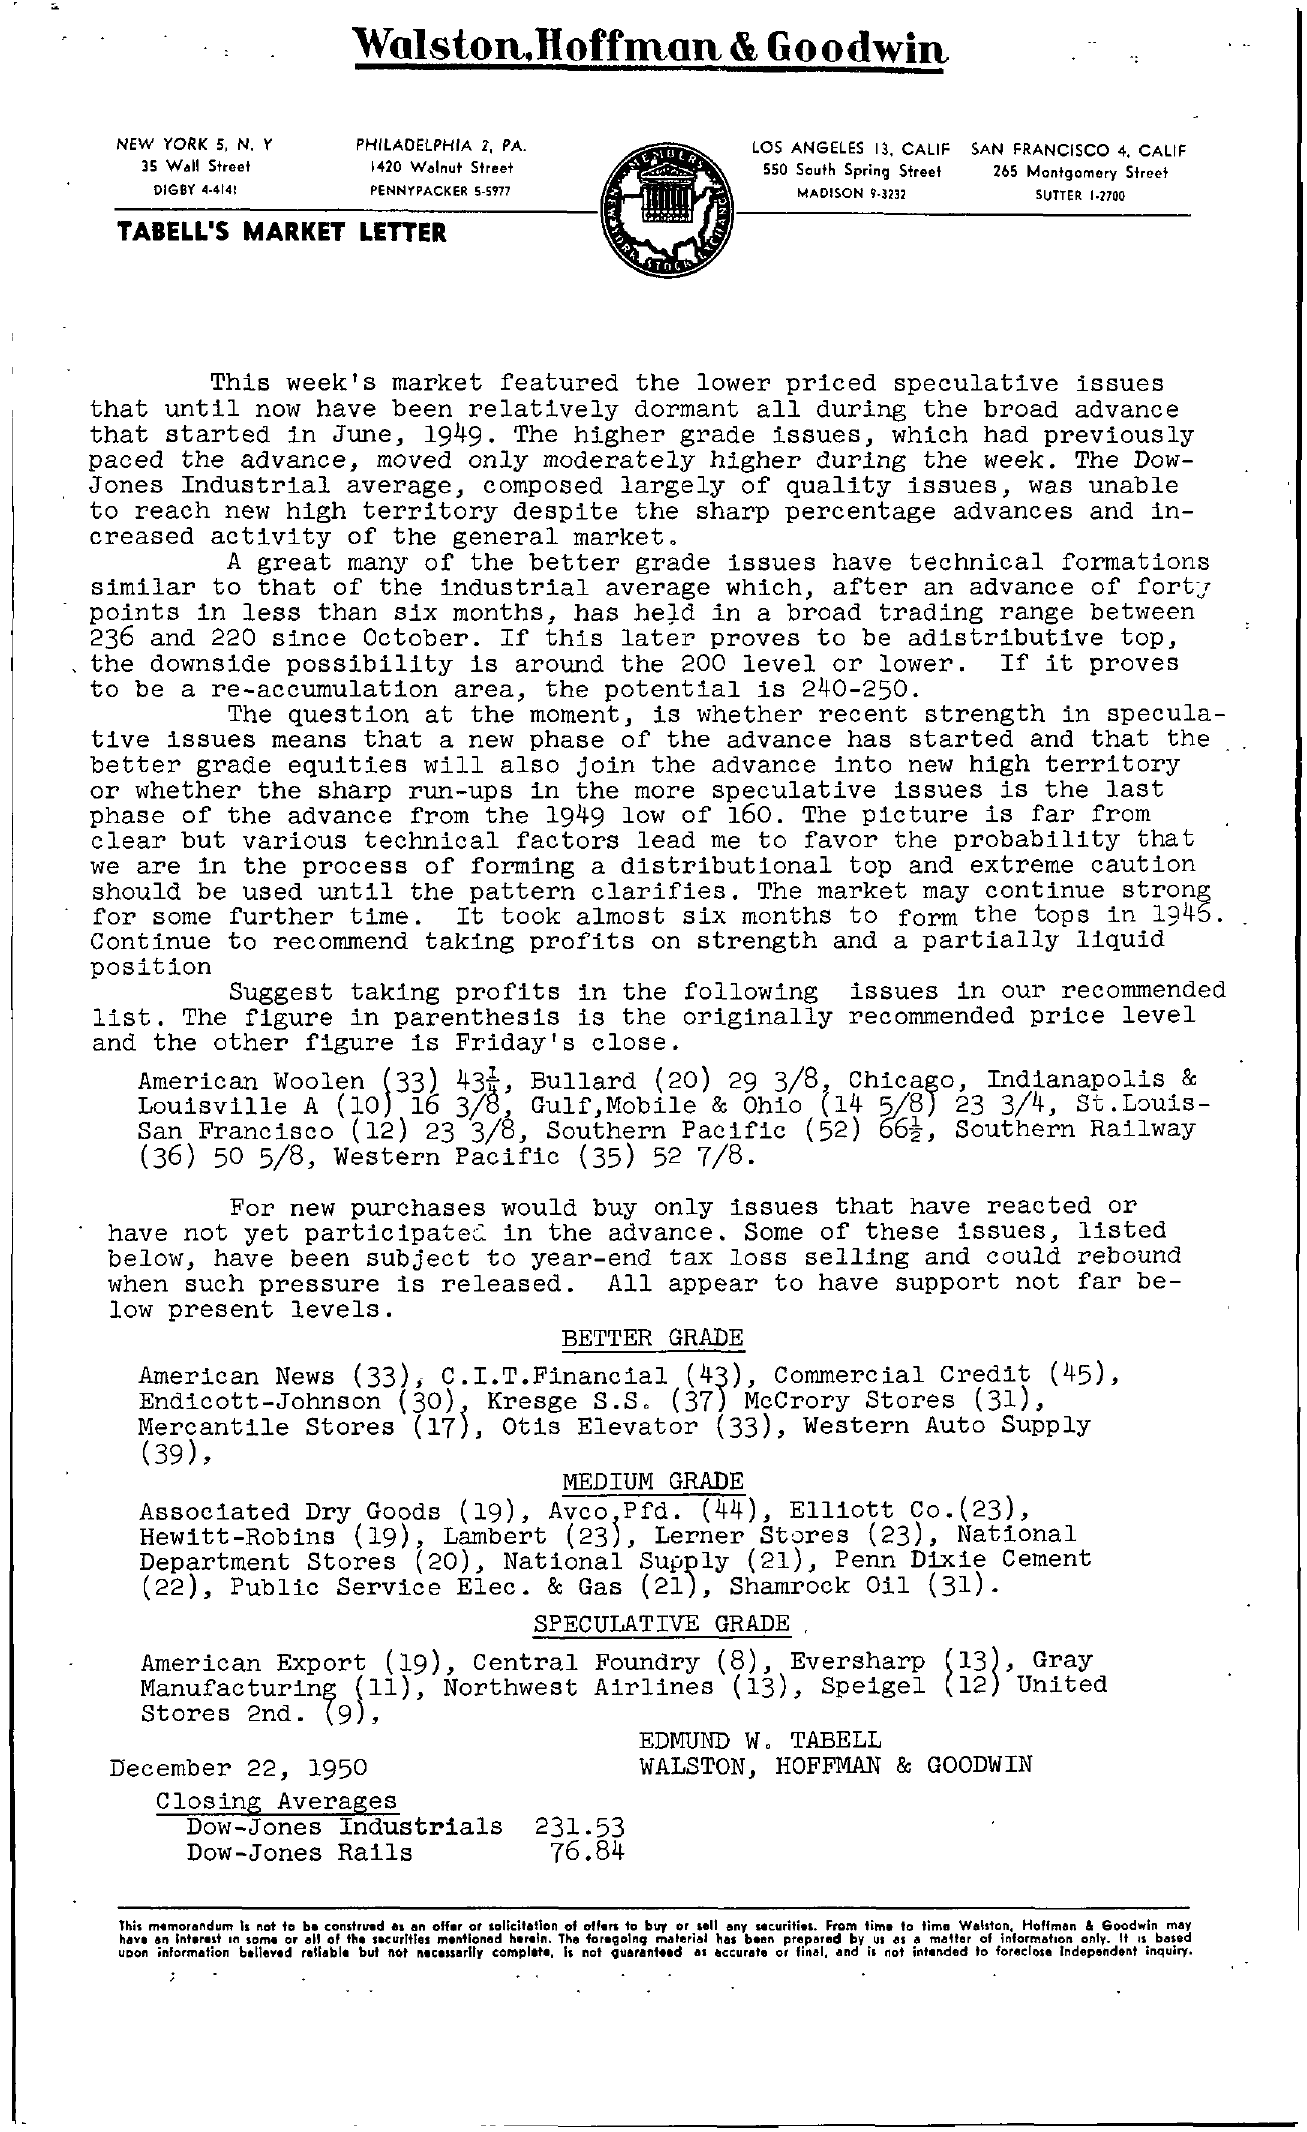 Tabell's Market Letter - December 22, 1950